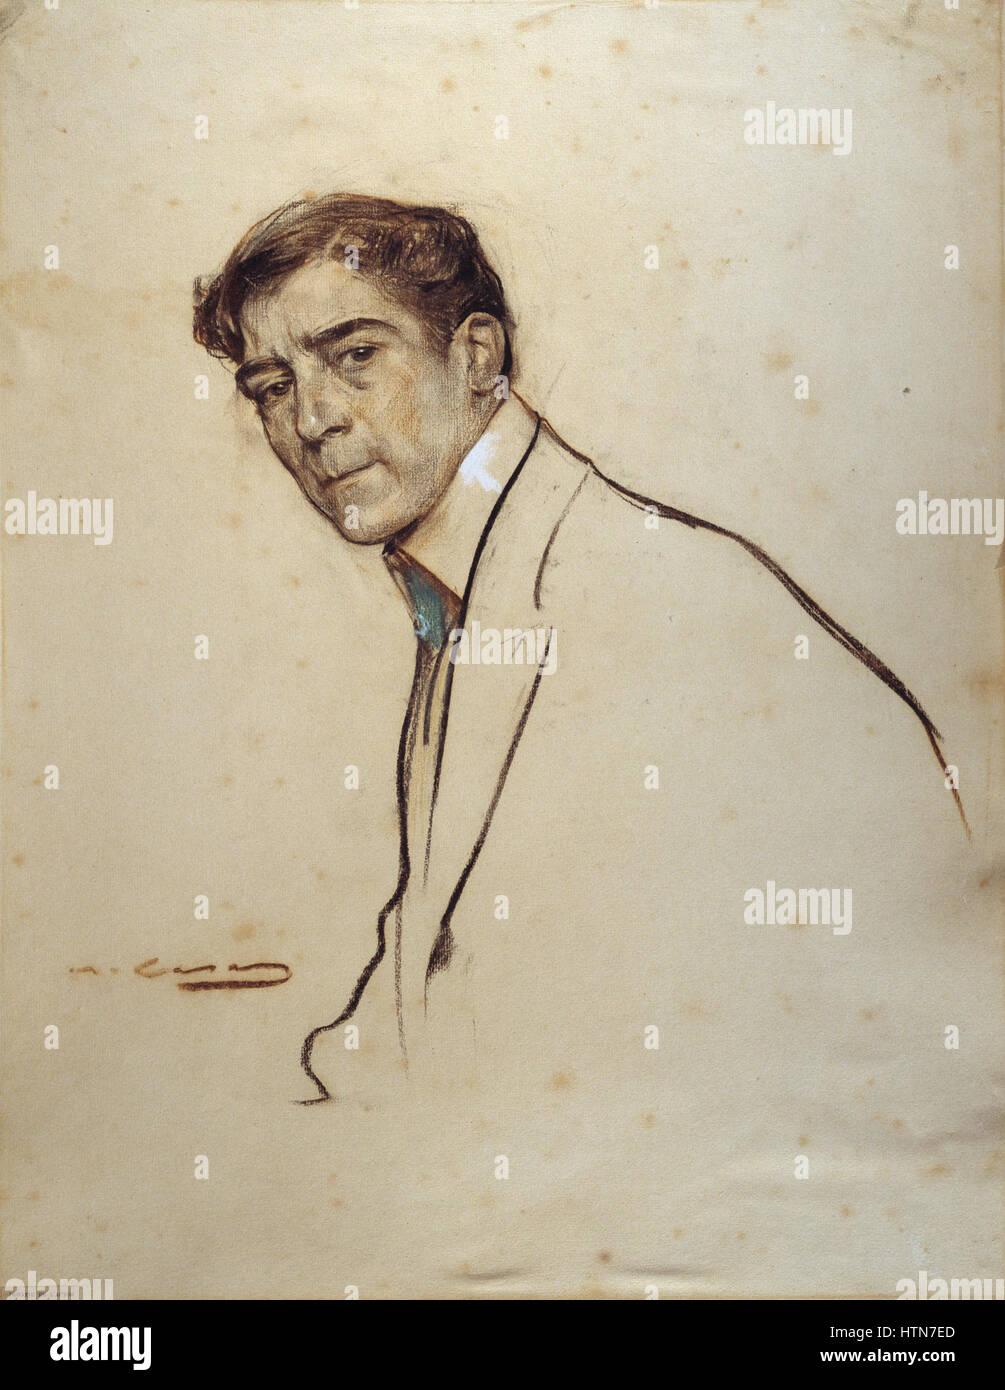 Ramon Casas - MNAC- Alexandre de Riquer- 027304-D 006462 - Stock Image